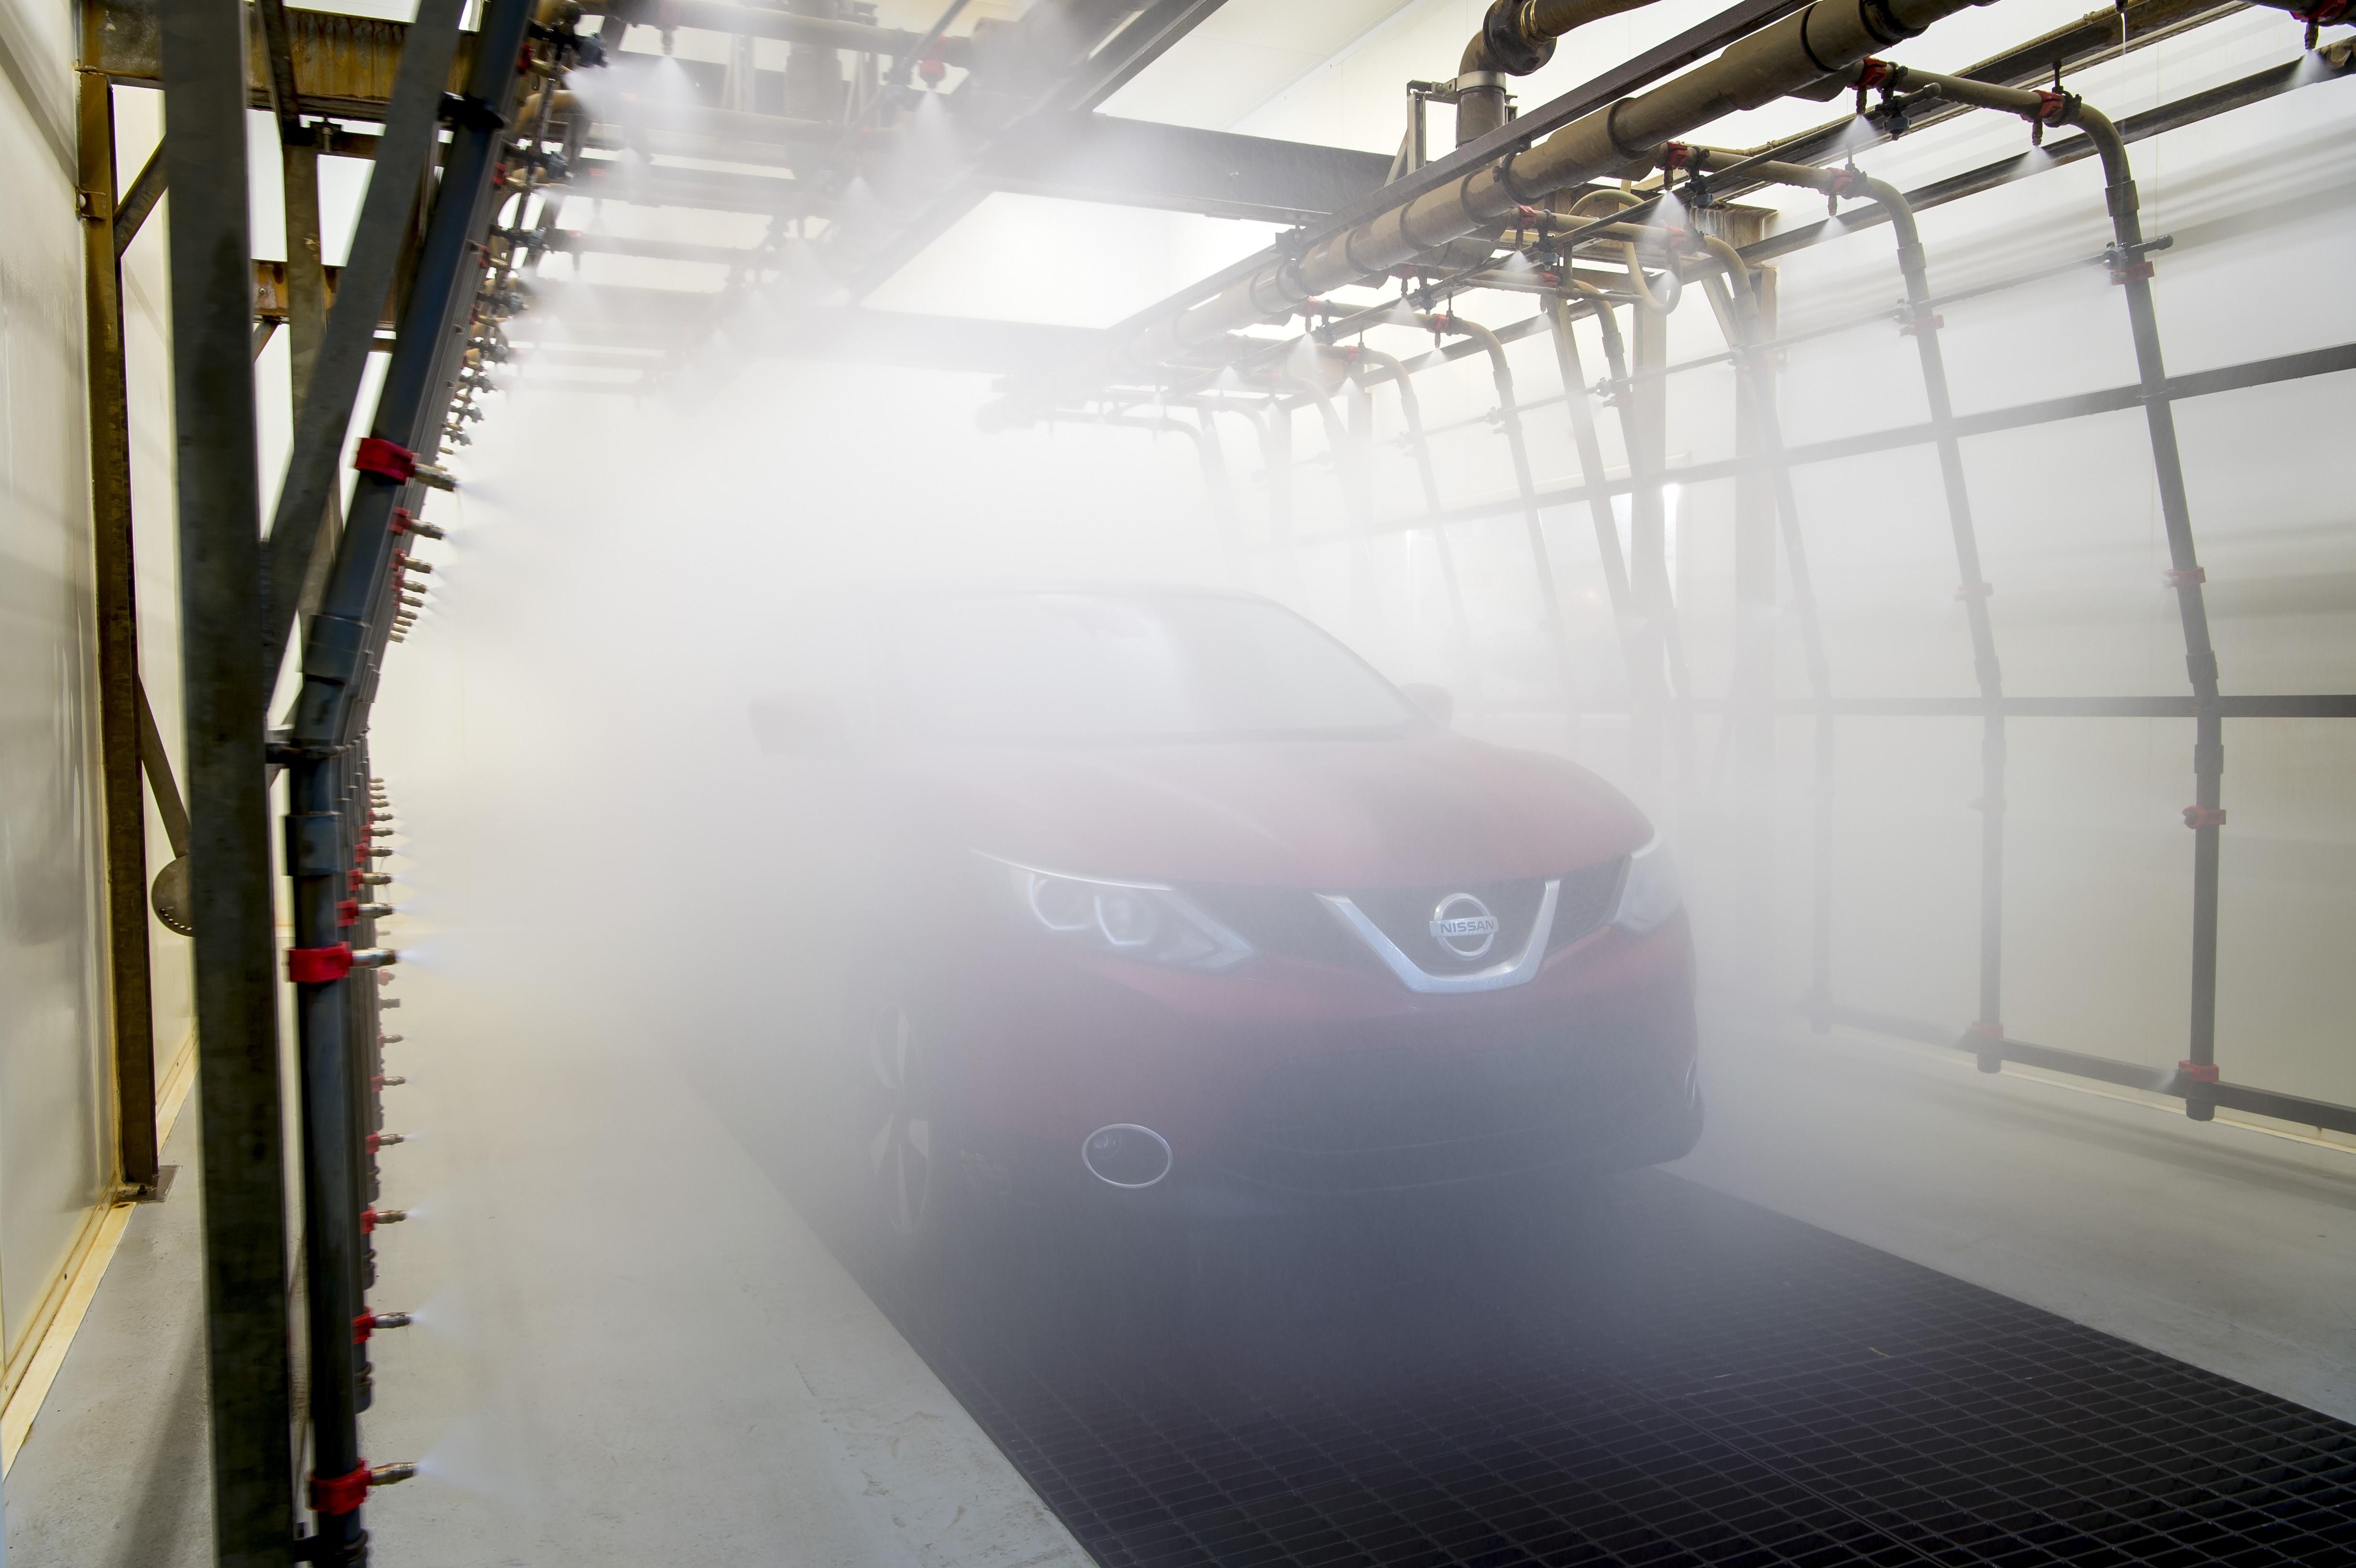 Стандарты испытаний Nissan прекрасно подходят для моделирования как умеренного климата и дорожных условий Западной Европы, так и погоды в более суровых регионах.Фото Nissan